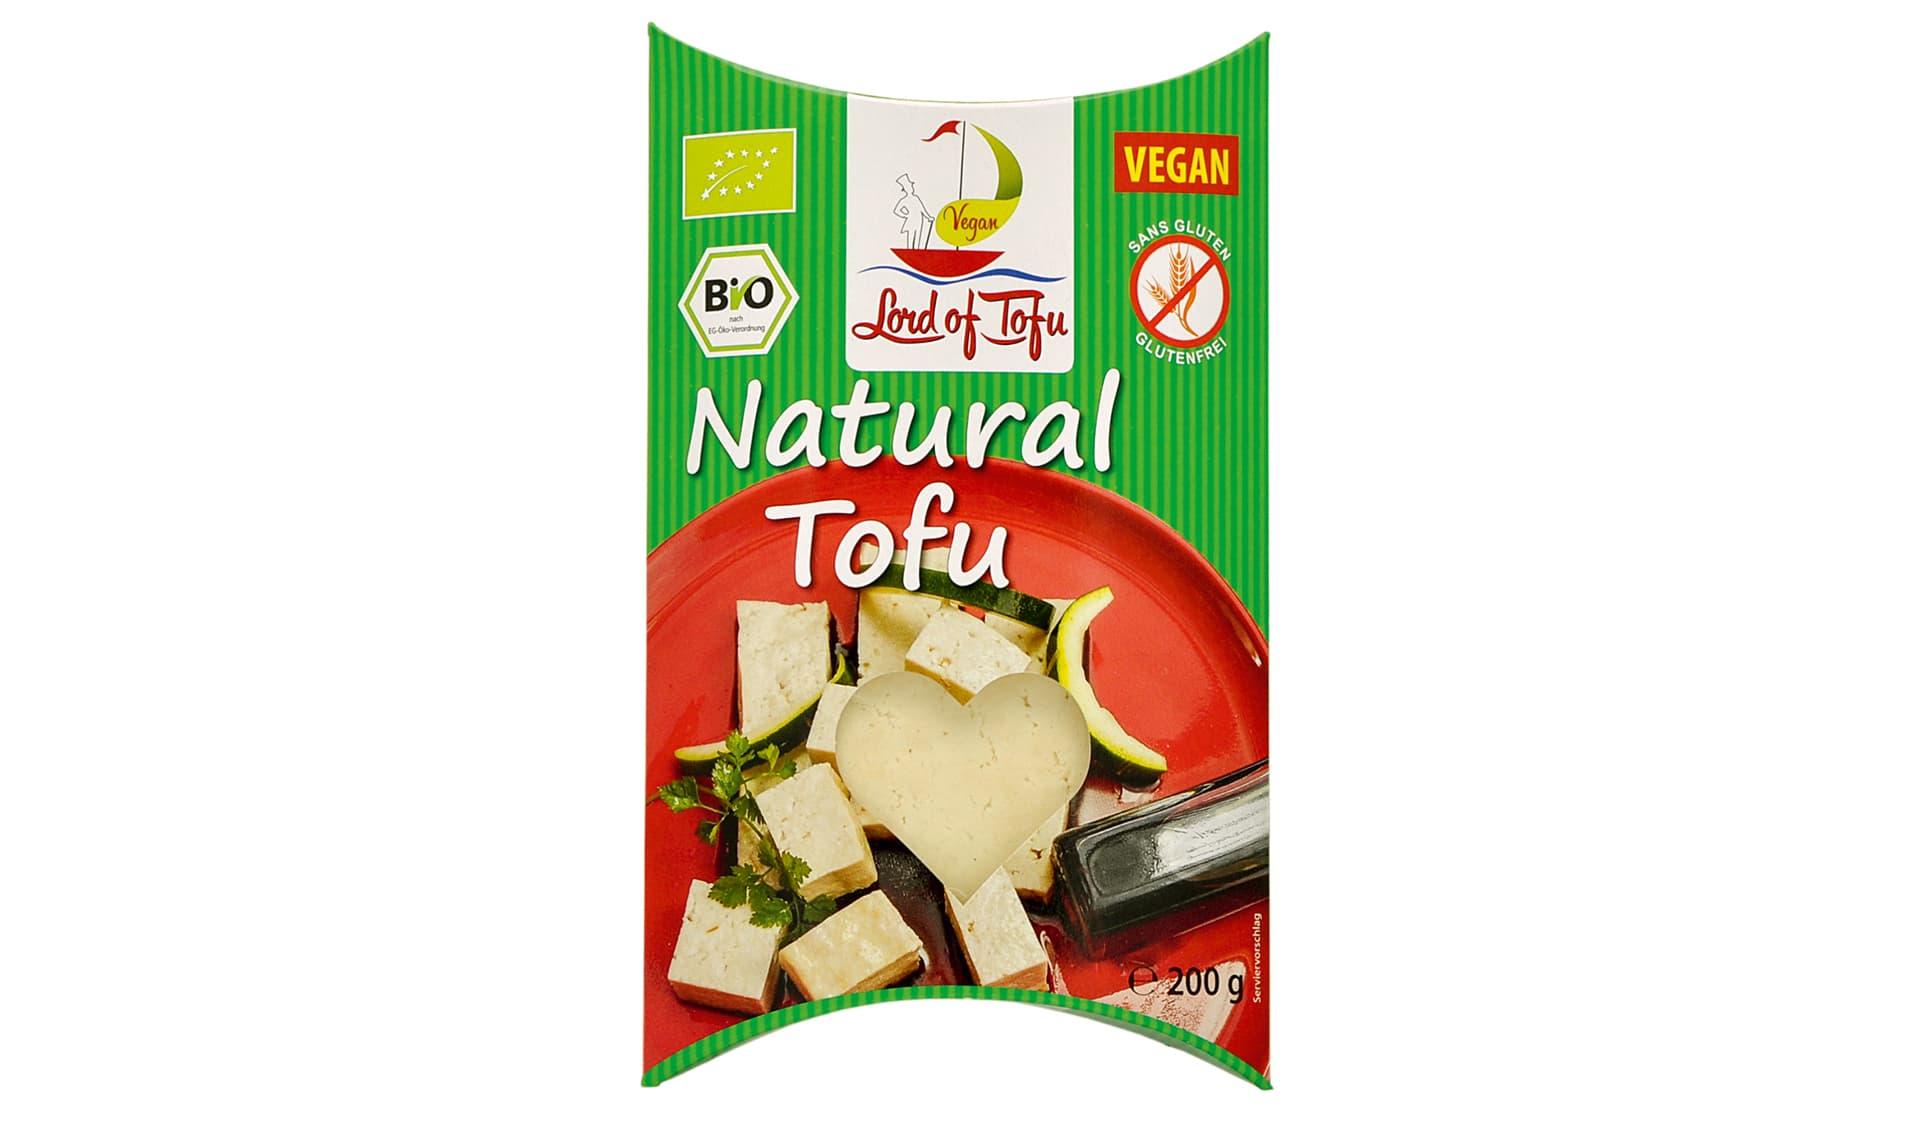 Lord of Tofu Natural Tofu (www.lord-of-tofu.de)